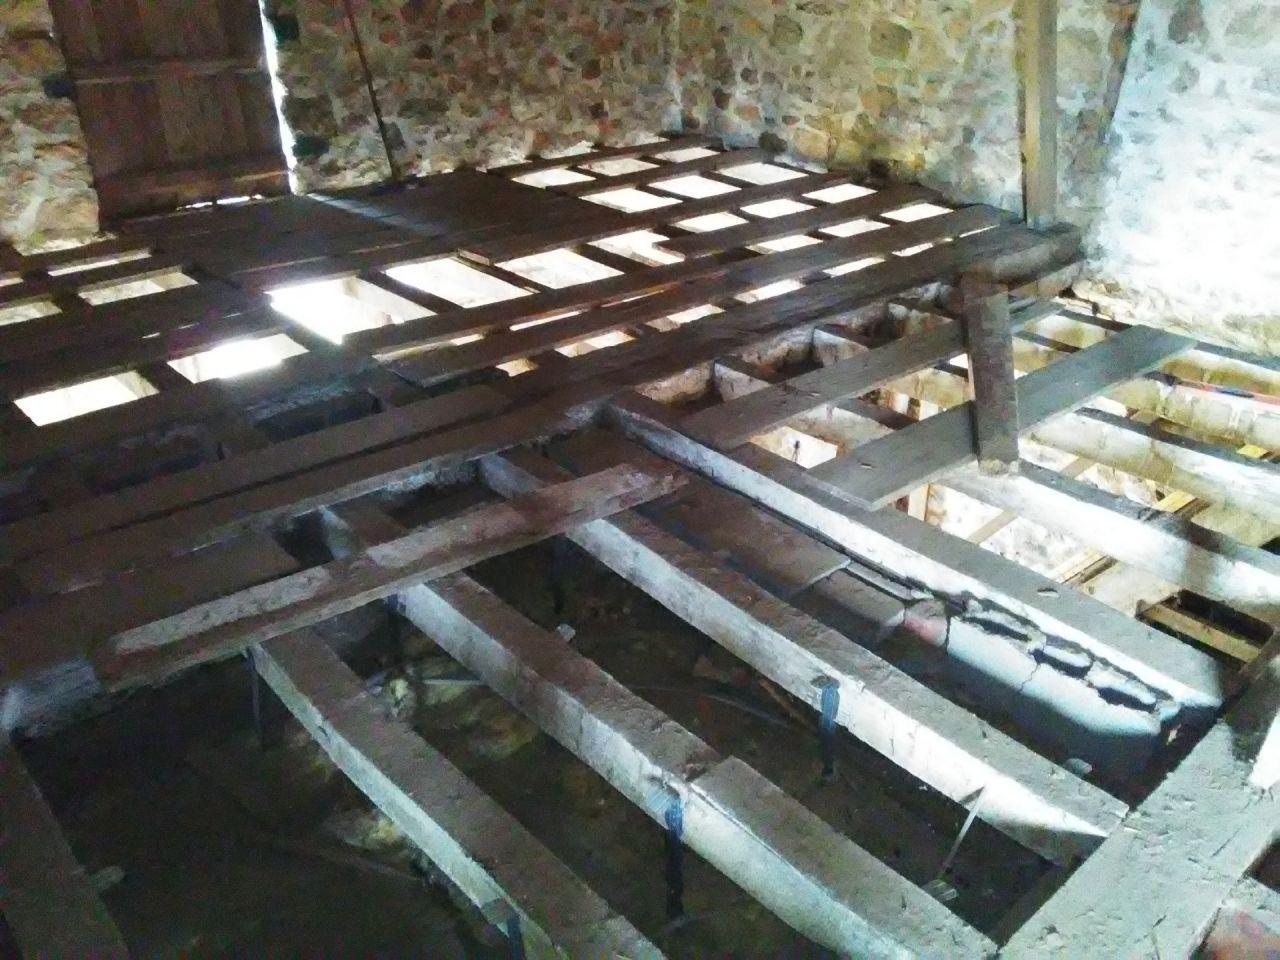 Nous avons enlevé le plancher au dessus du cellier. Les solives et la poutre sont en bon état. <br /> - 13 solives sellées dans le mur 12 x 12 x 276 (entraxe entre 47 et 59 cm) <br /> - poutre 35 x 35 x 640 <br /> - 11 solives 12 x 12 x 202 (entraxe entre 38 et 60 cm <br /> - poutre 19 x 23 x 640